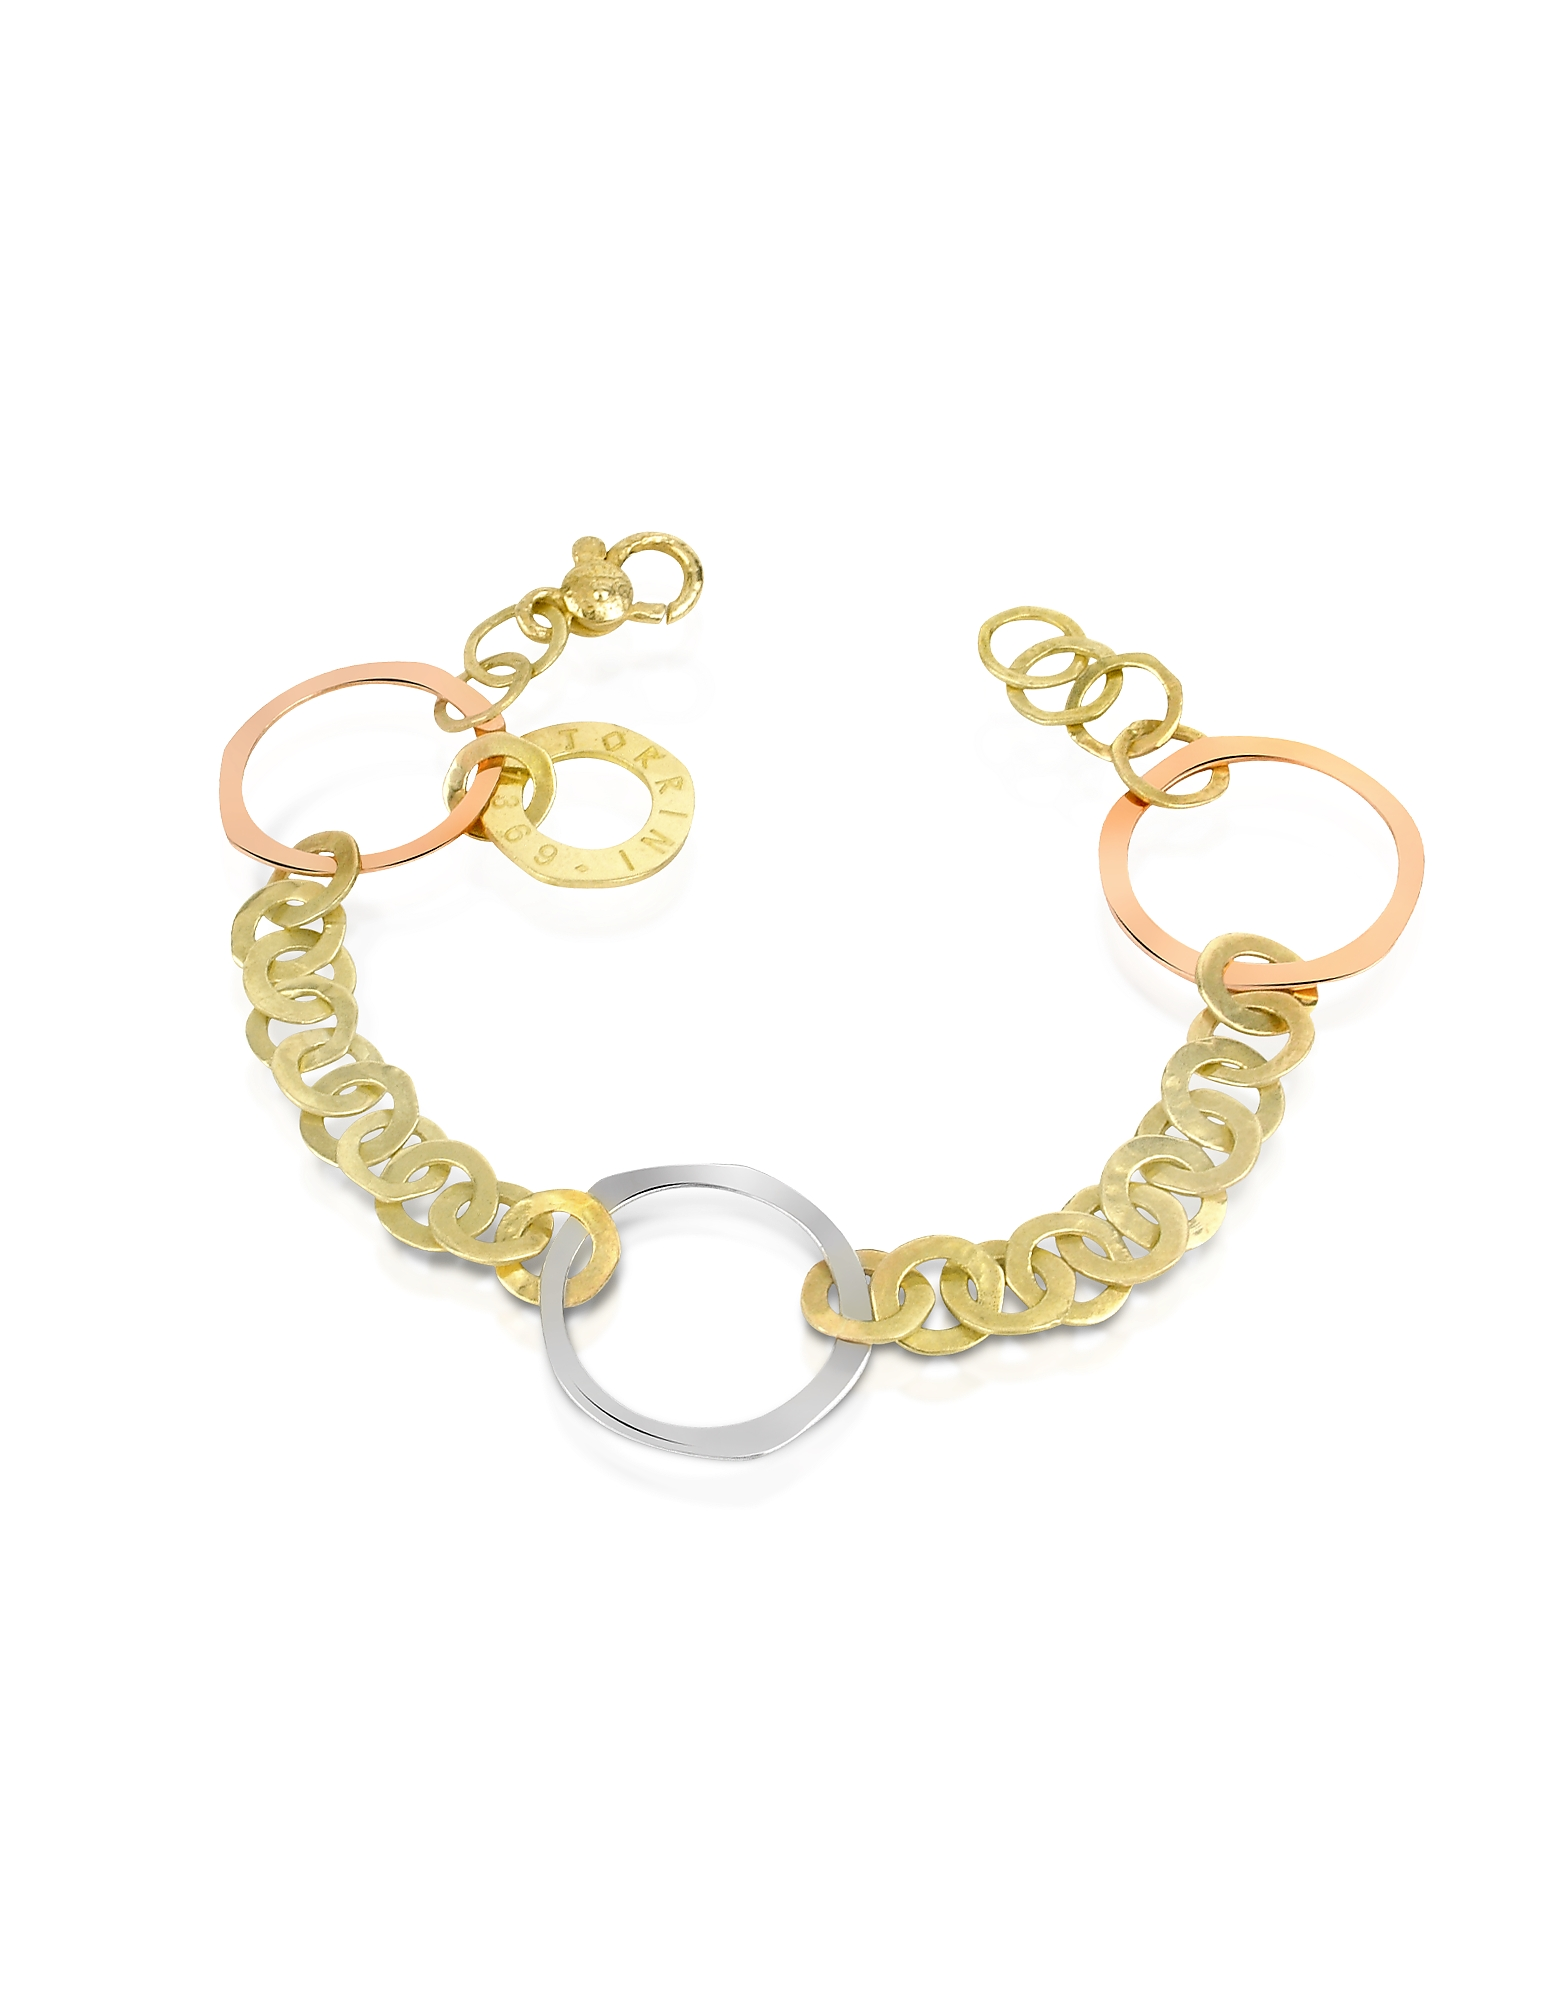 Fiesole-Bracciale con cerchi in oro 18ct tre-toni